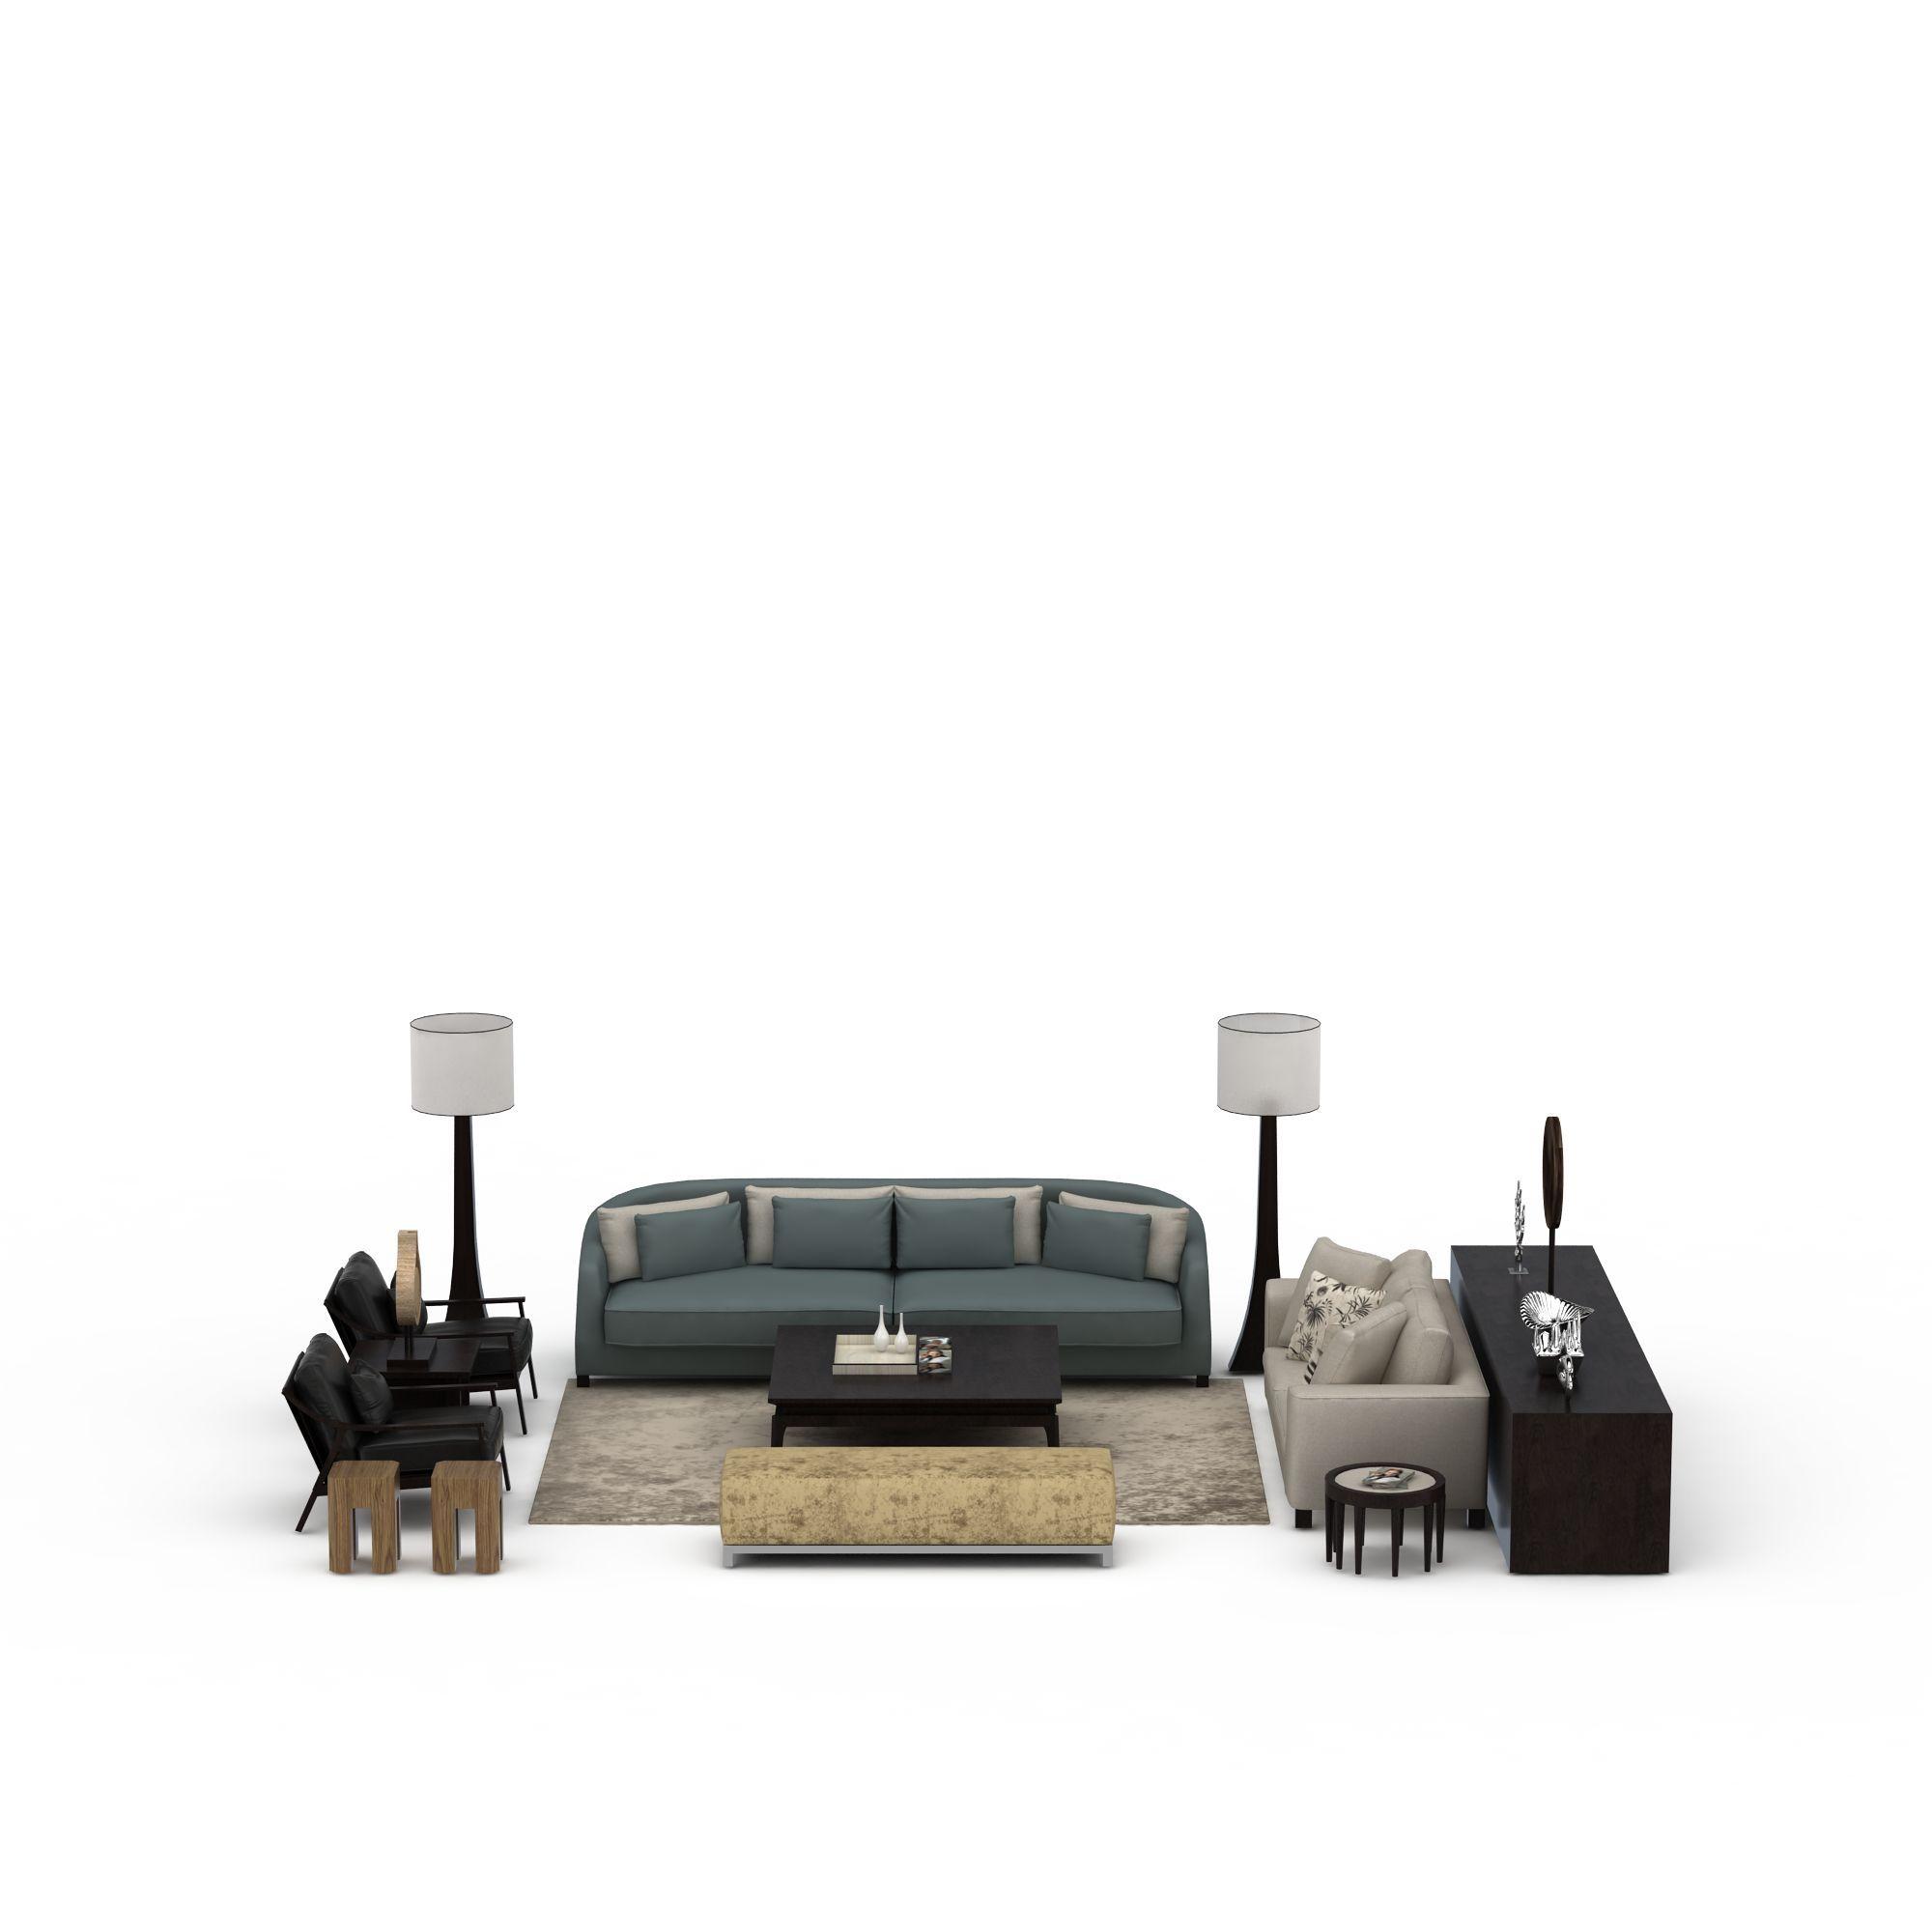 新中式沙发茶几组合高清图下载